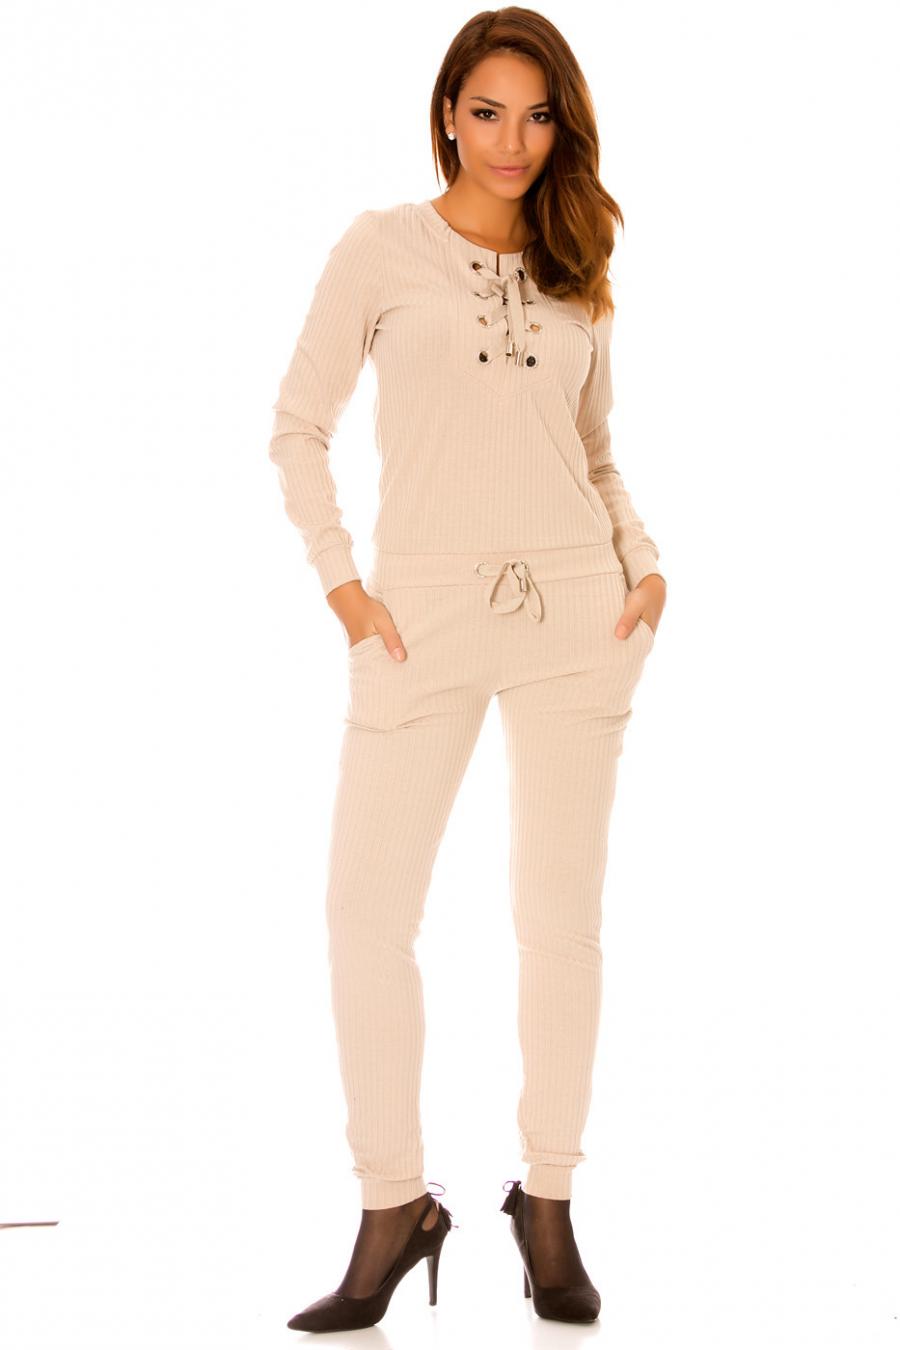 Combinaison fashion en maille beige avec lacet au col rond. Combinaison femme wj7136